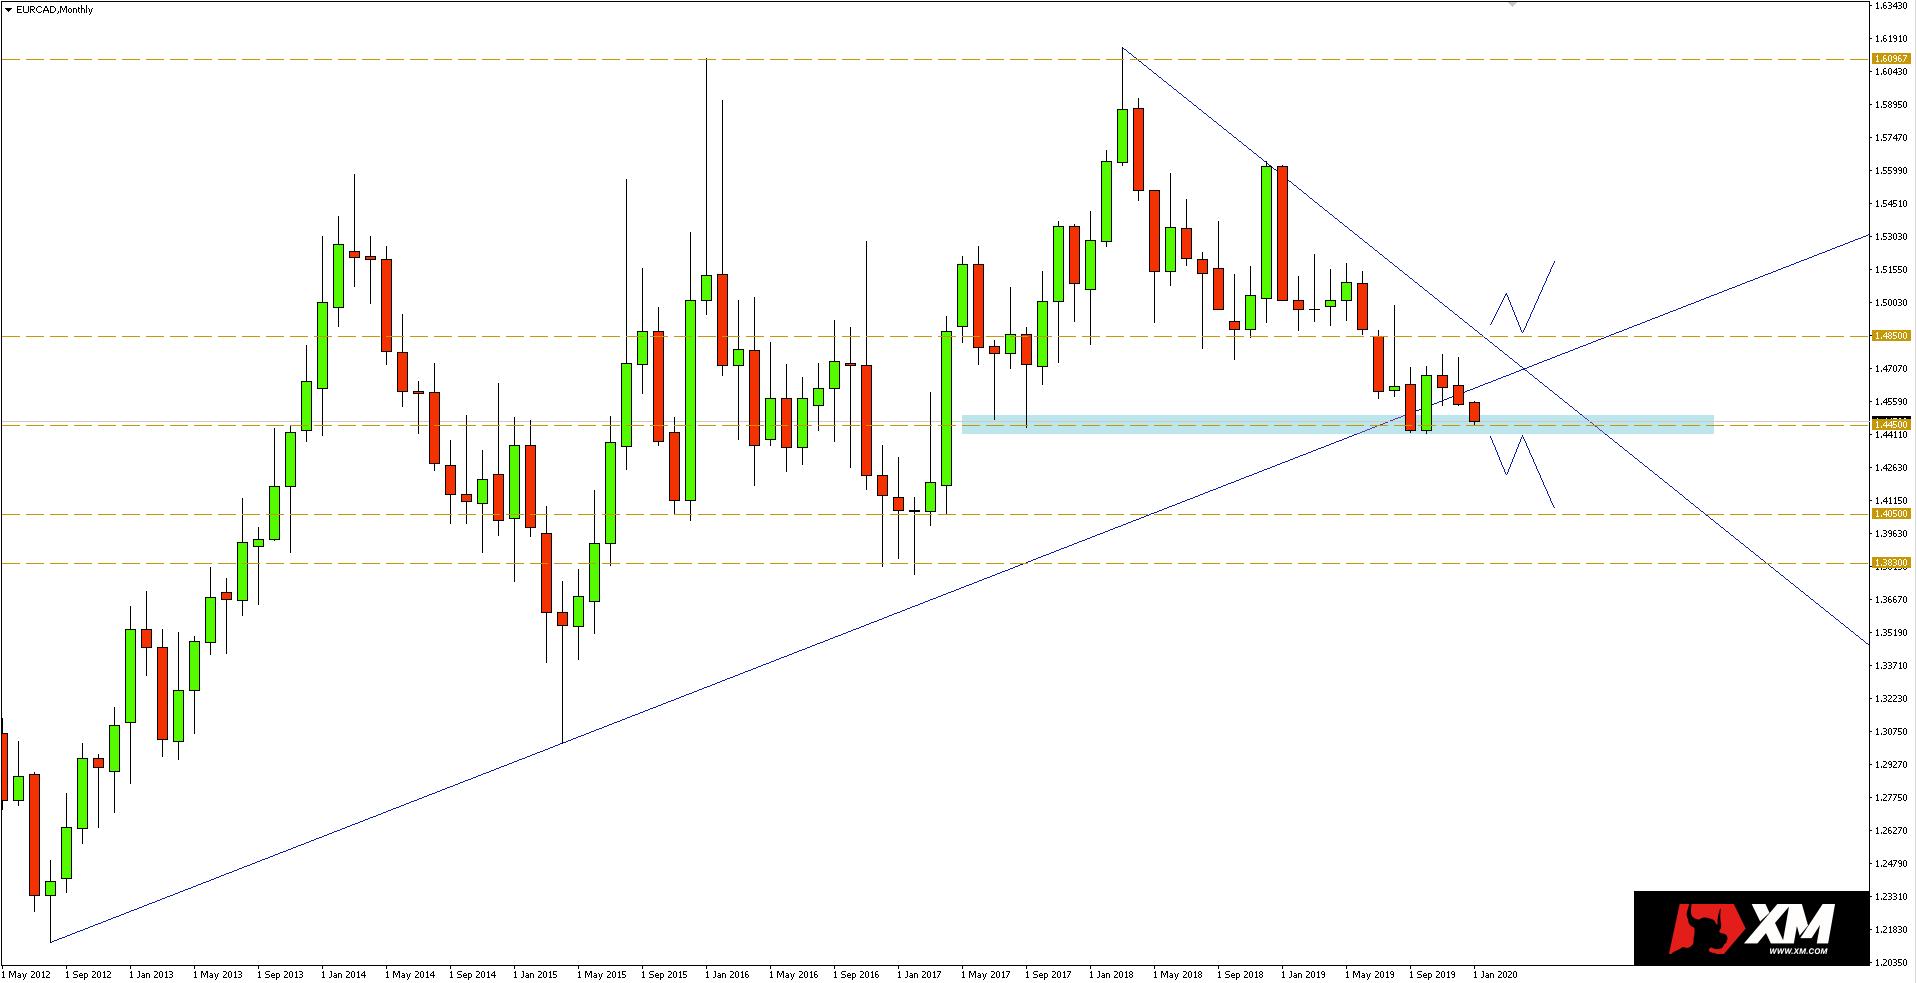 Wykres miesięczny pary walutowej EURCAD - 03.01.2020 r.